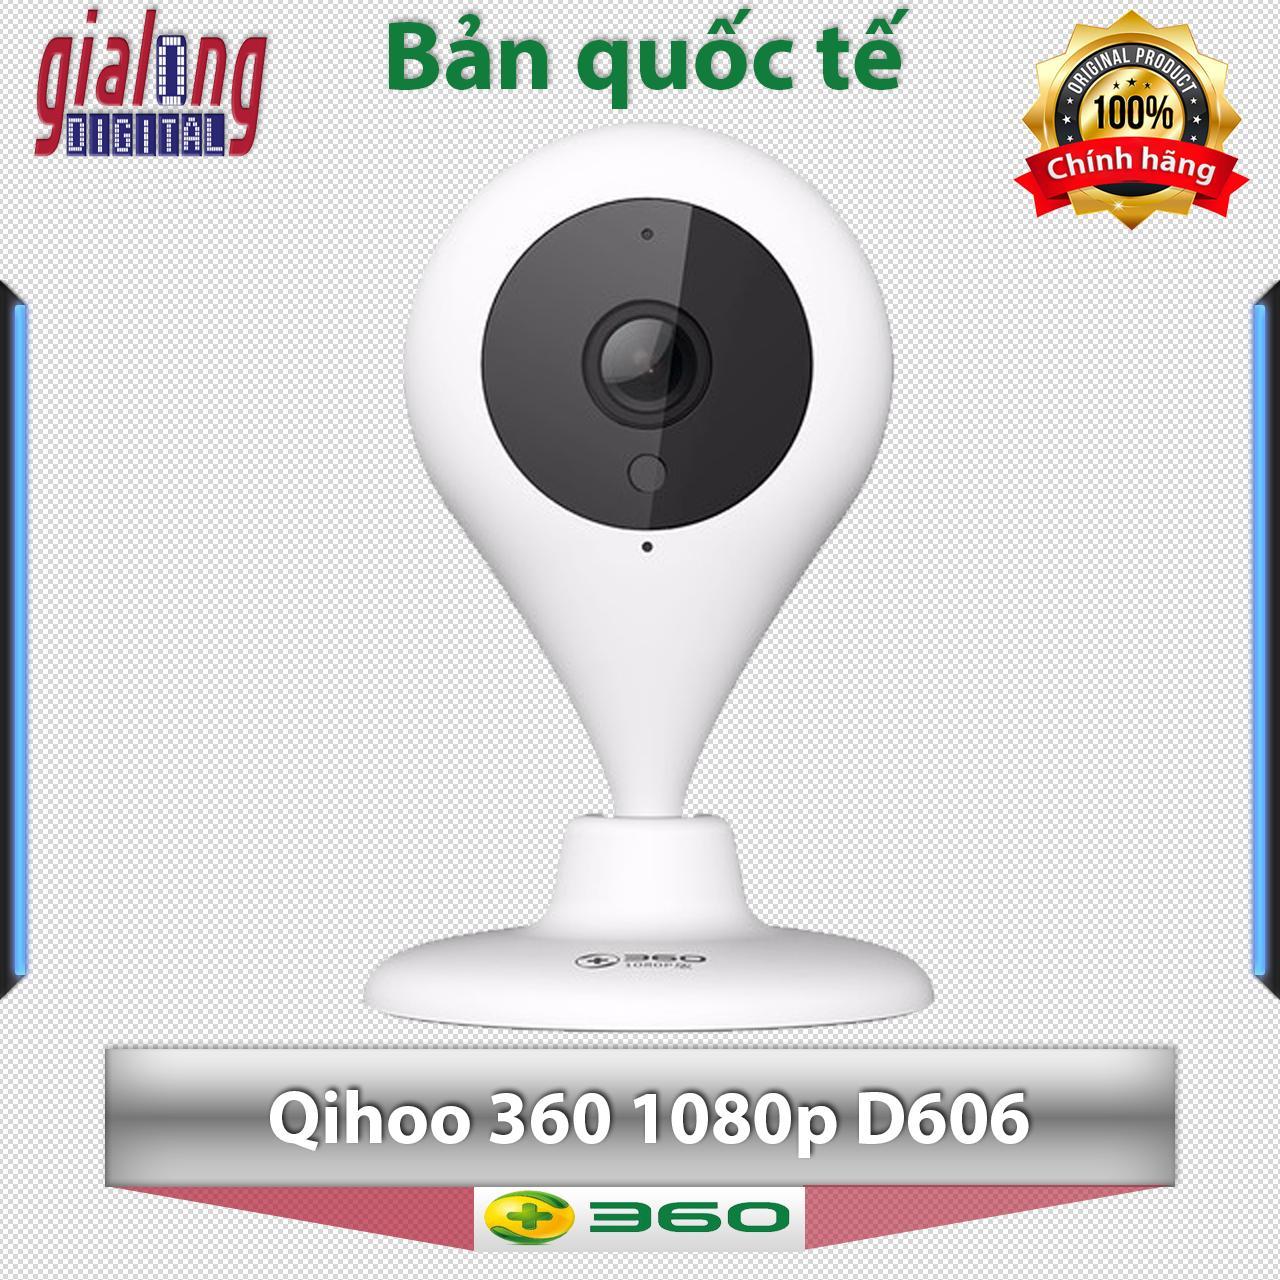 Chiết Khấu Sản Phẩm Camera Giam Sat Khong Day Wifi Qihoo 360 1080P Phien Bản Quốc Tế